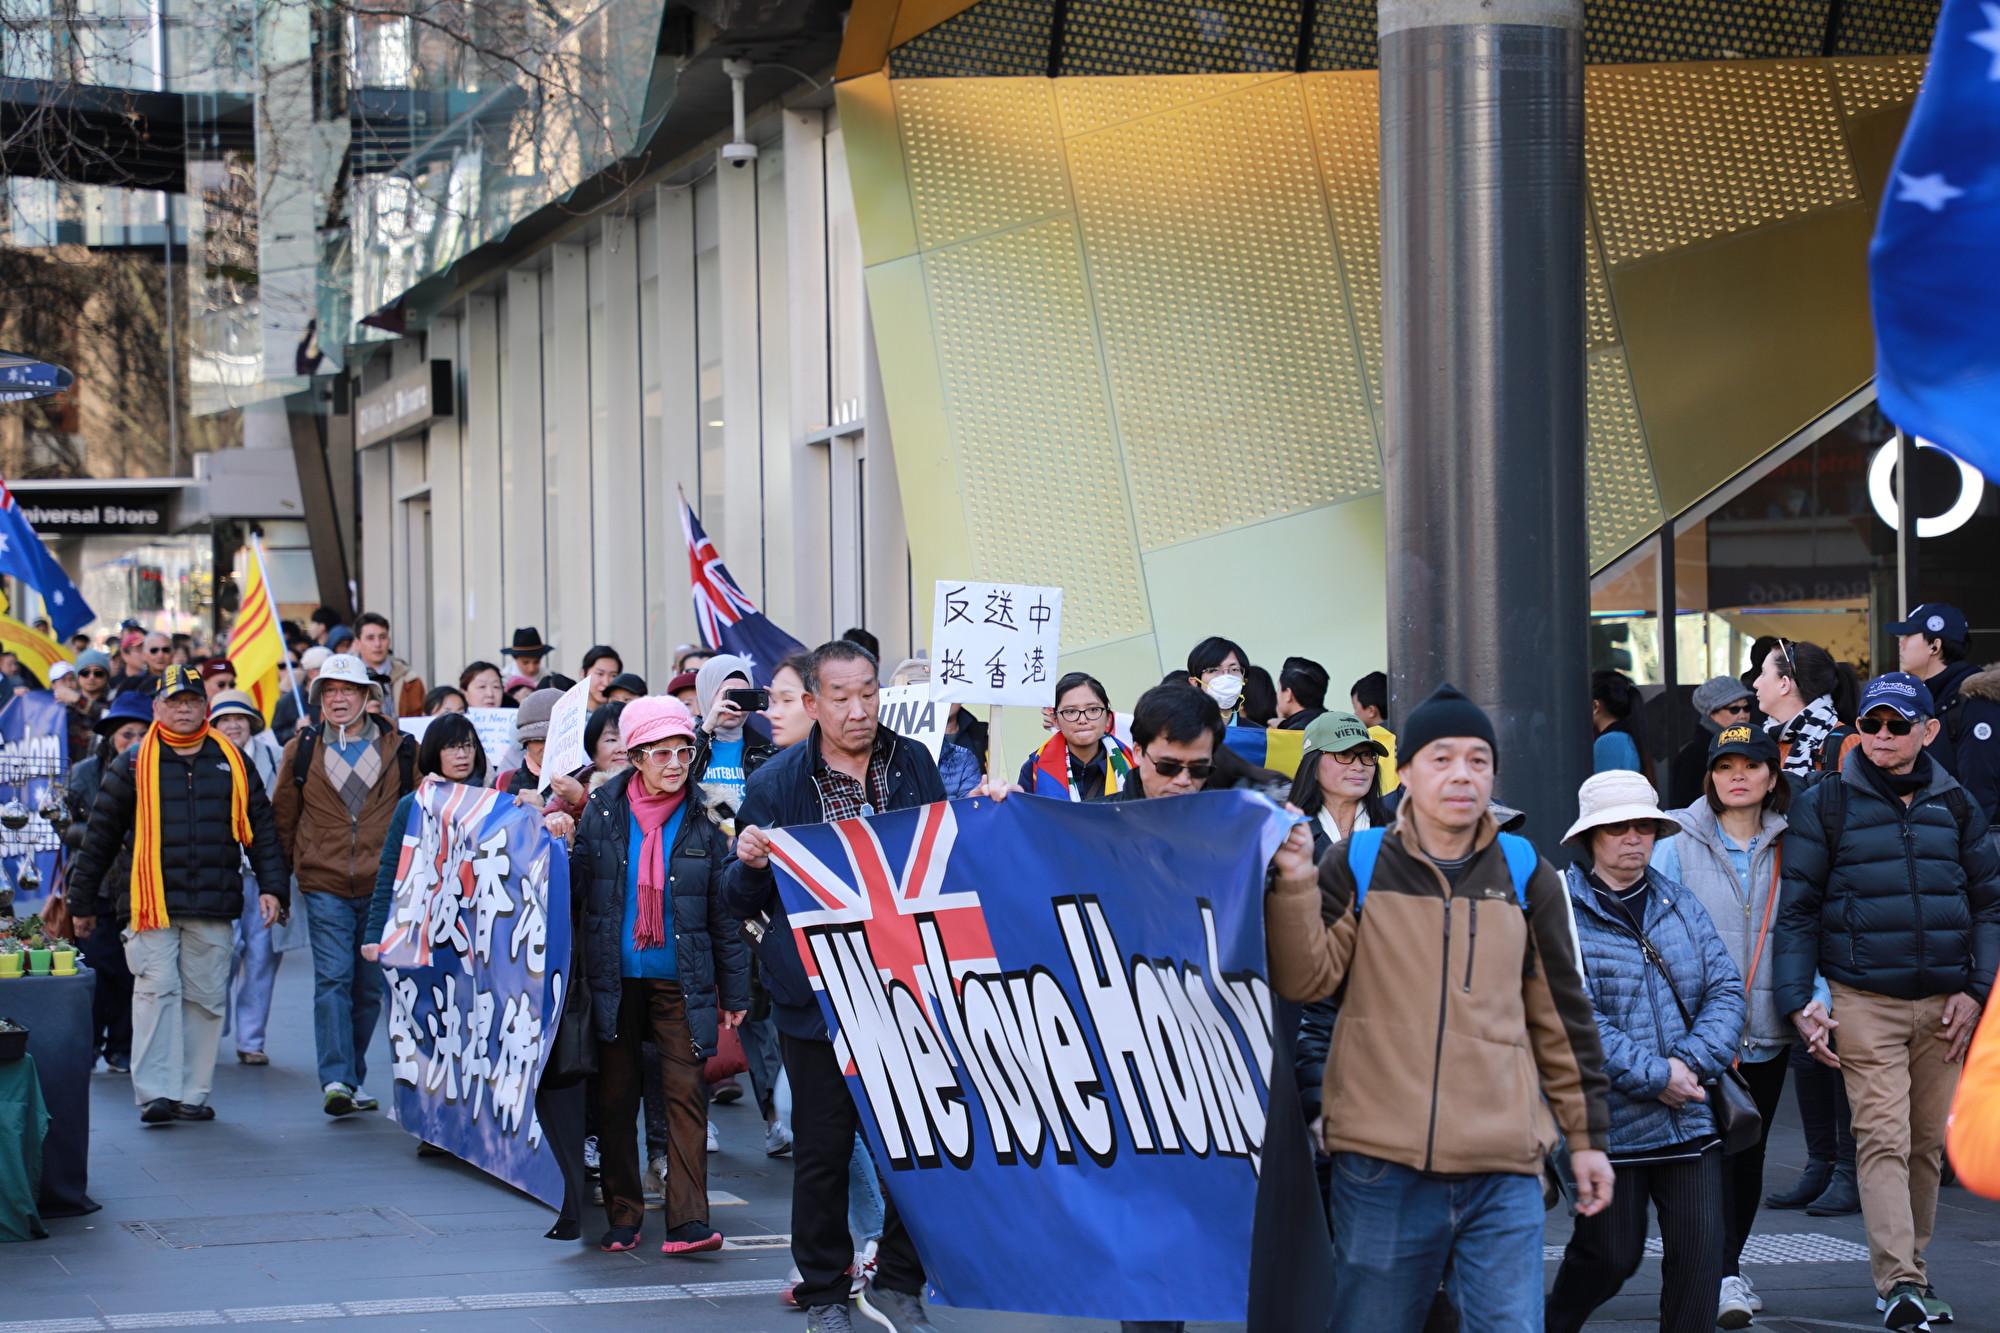 2019年8月17日,數百名墨爾本市民及民主人士在墨爾本市中心遊行,支持「反送中」。(Grace/大紀元)